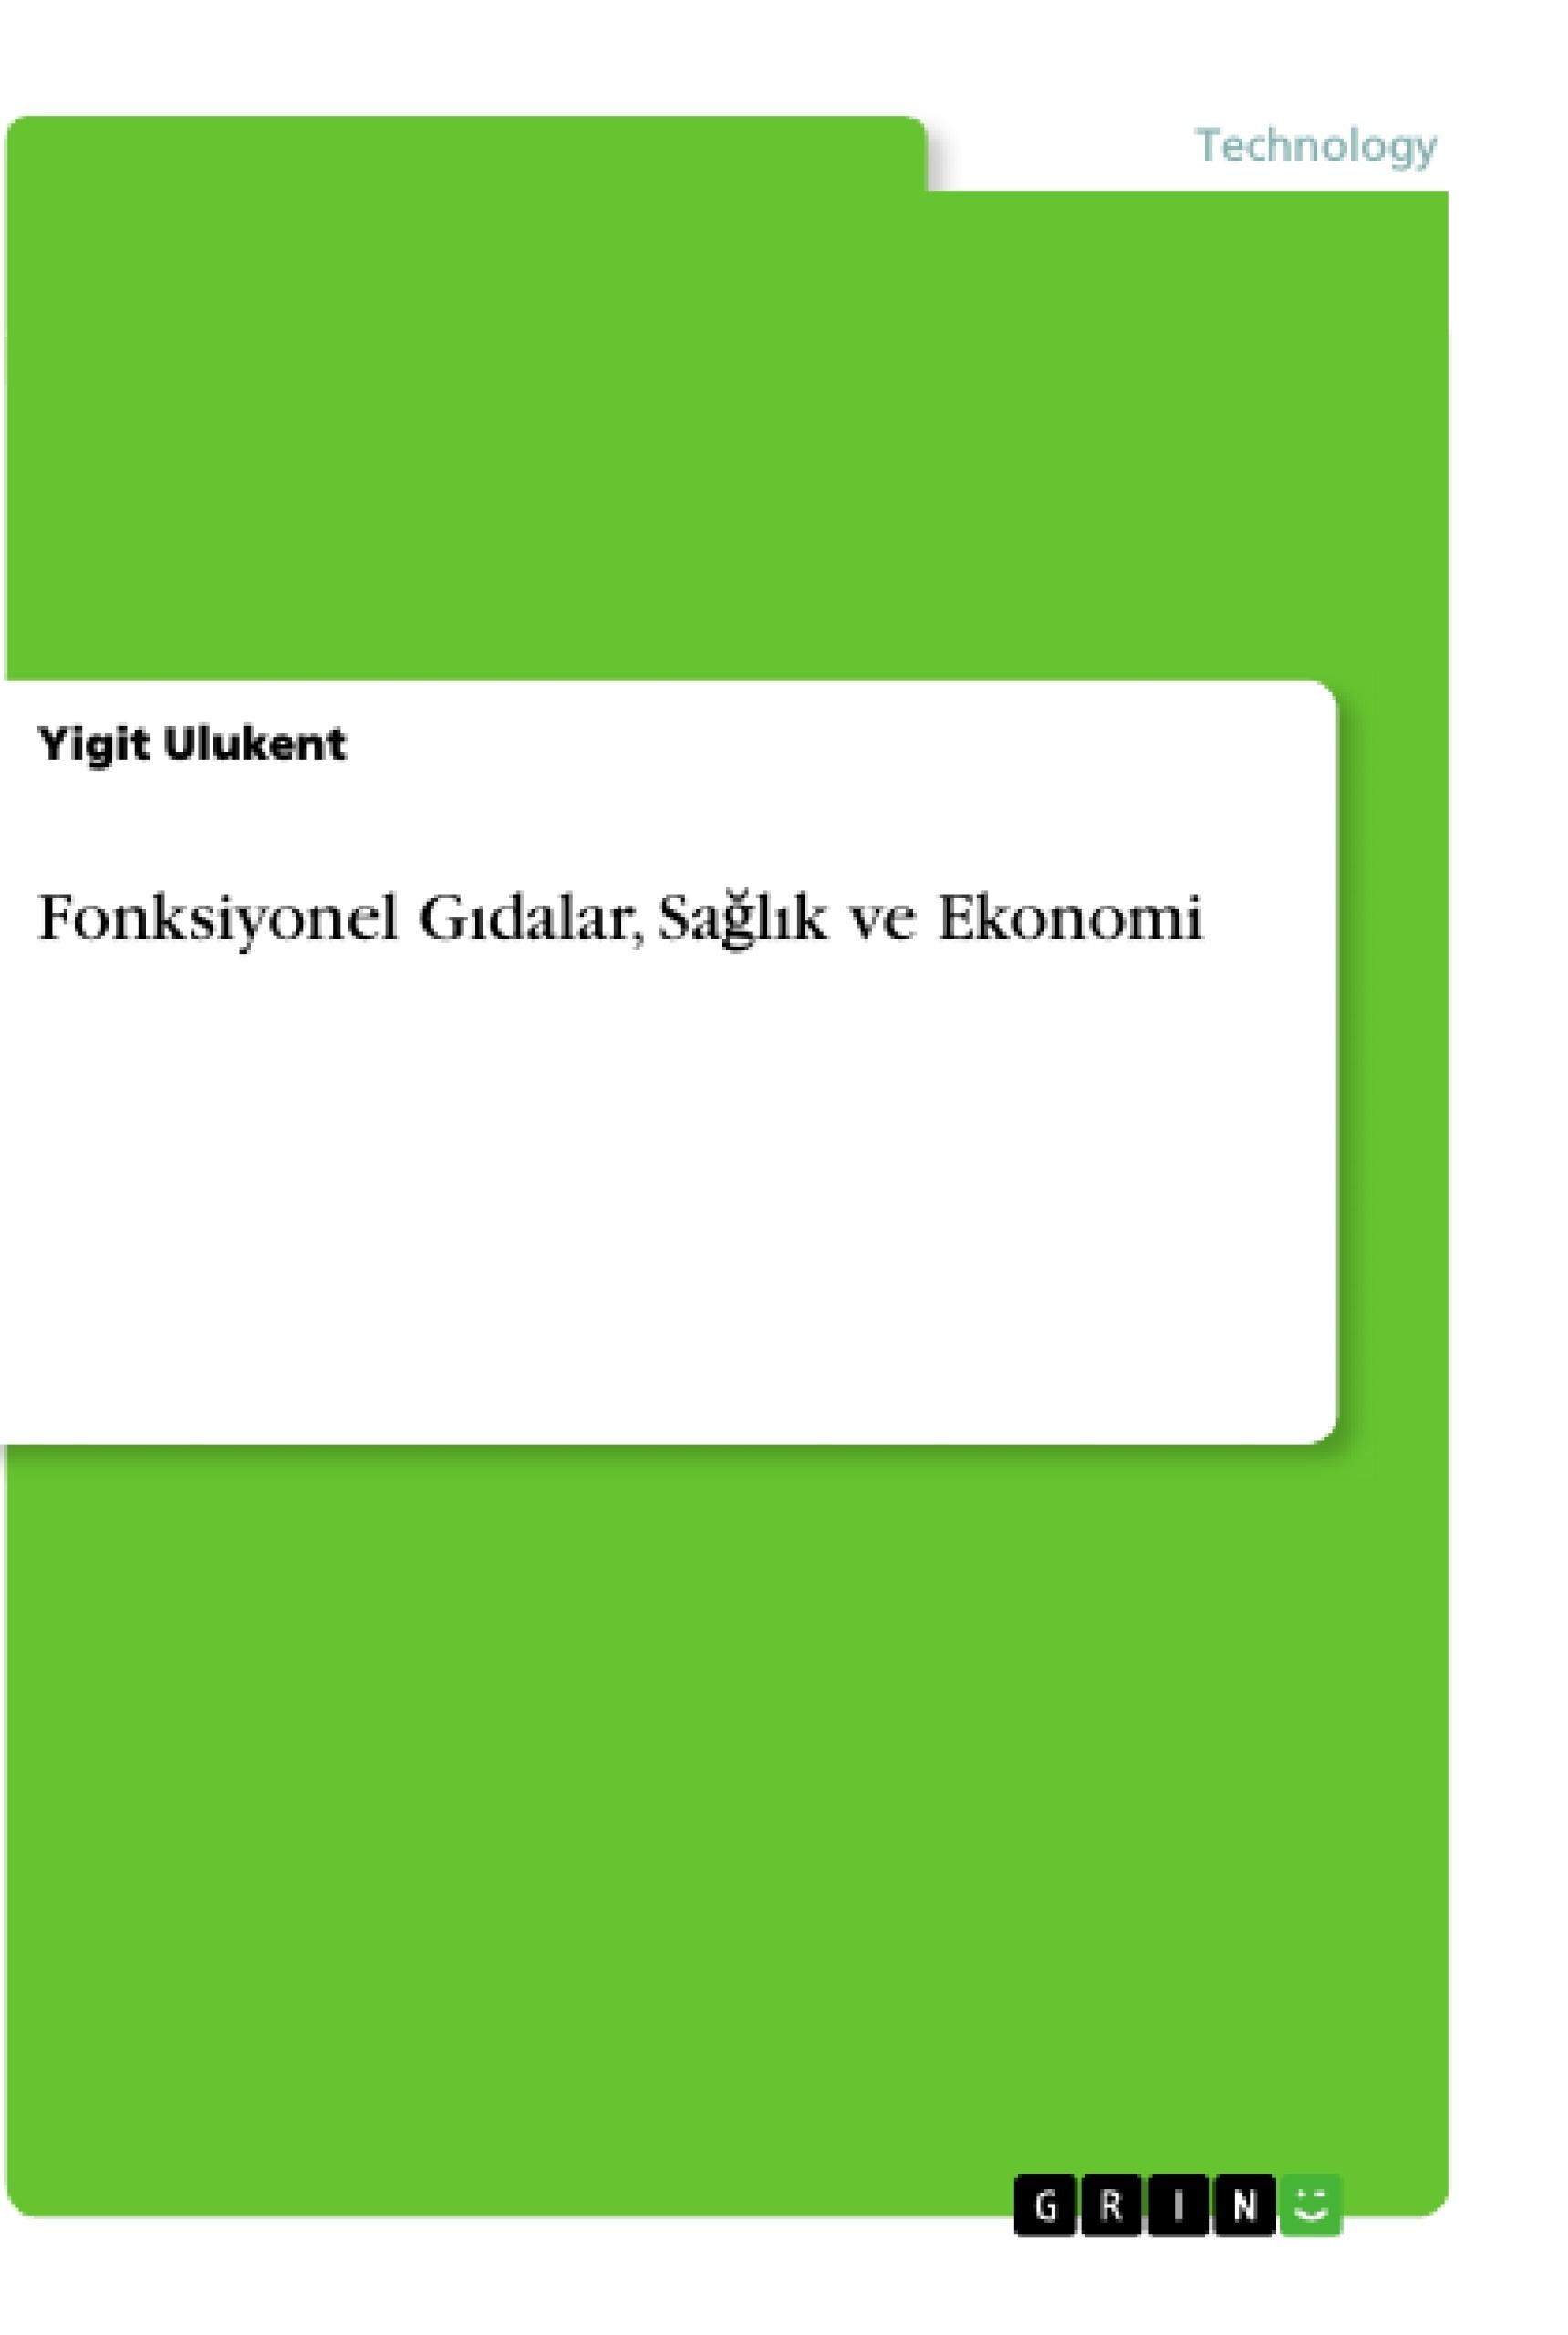 Title: Fonksiyonel Gıdalar, Sağlık ve Ekonomi